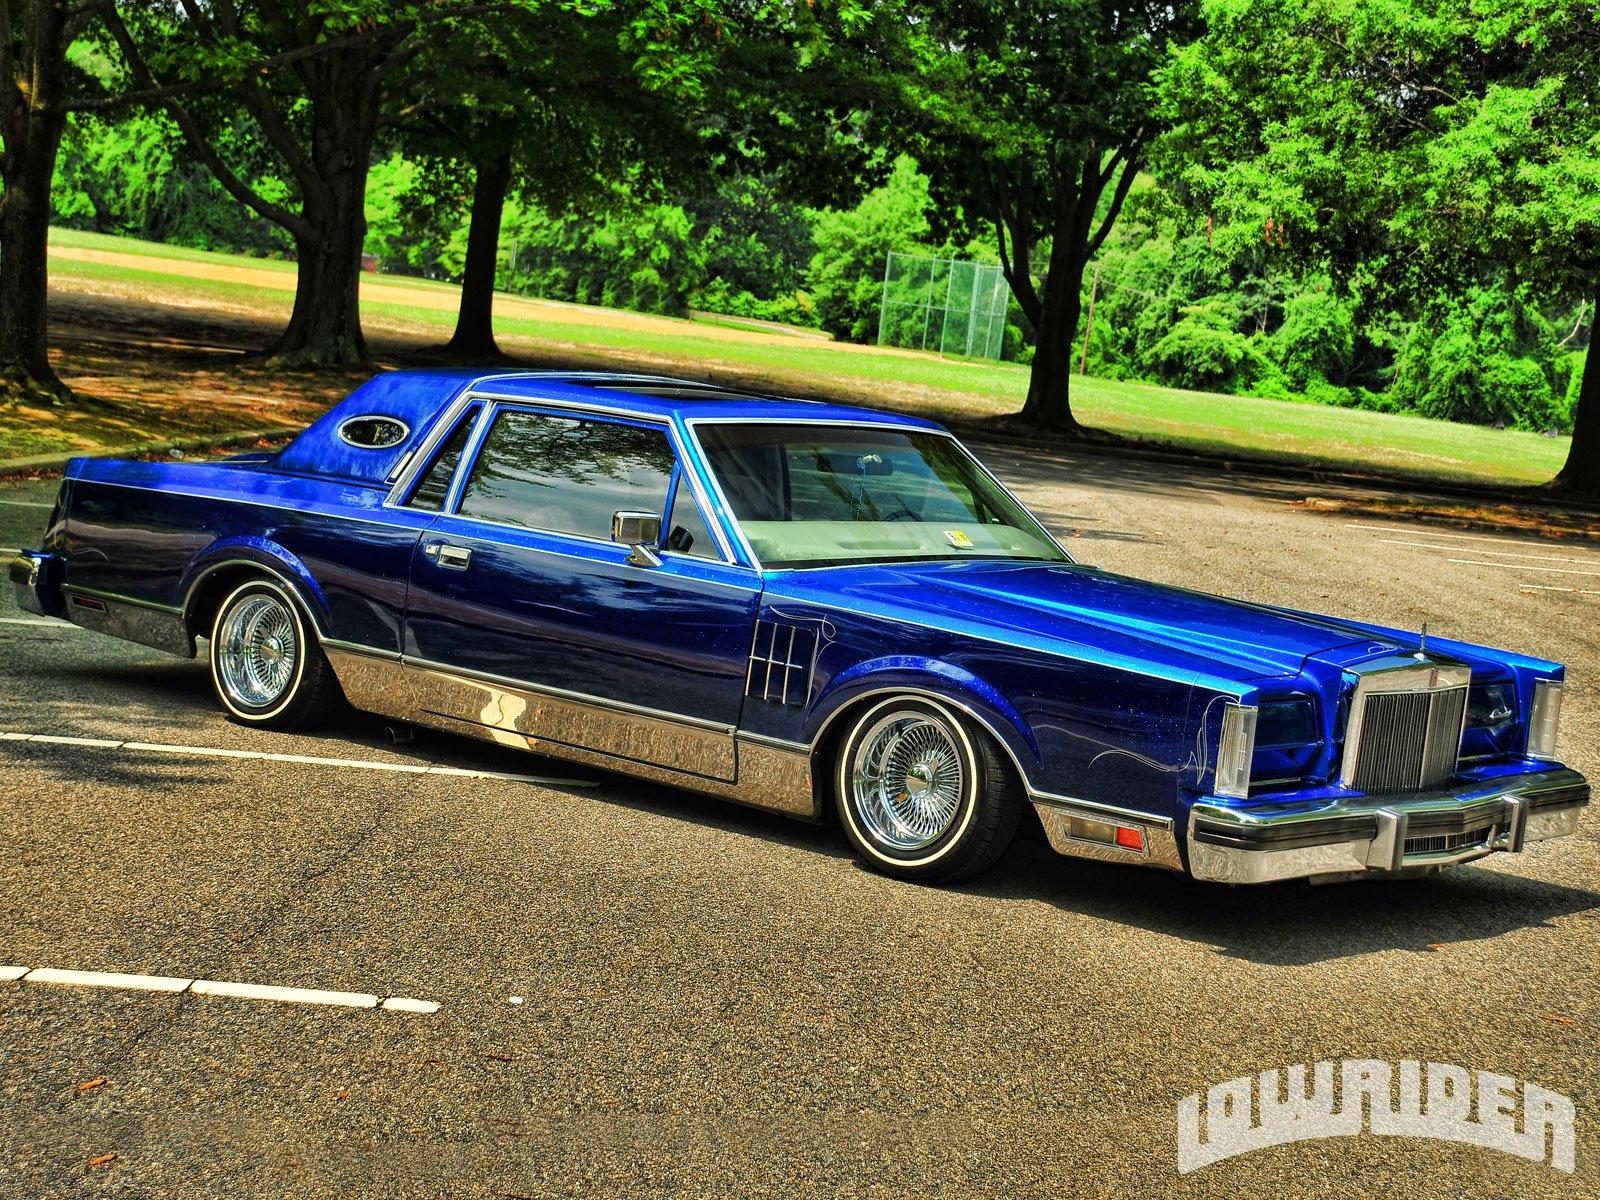 1981 Lincoln Mark Vis Lowrider Custom Tuning Hot Rod Rods